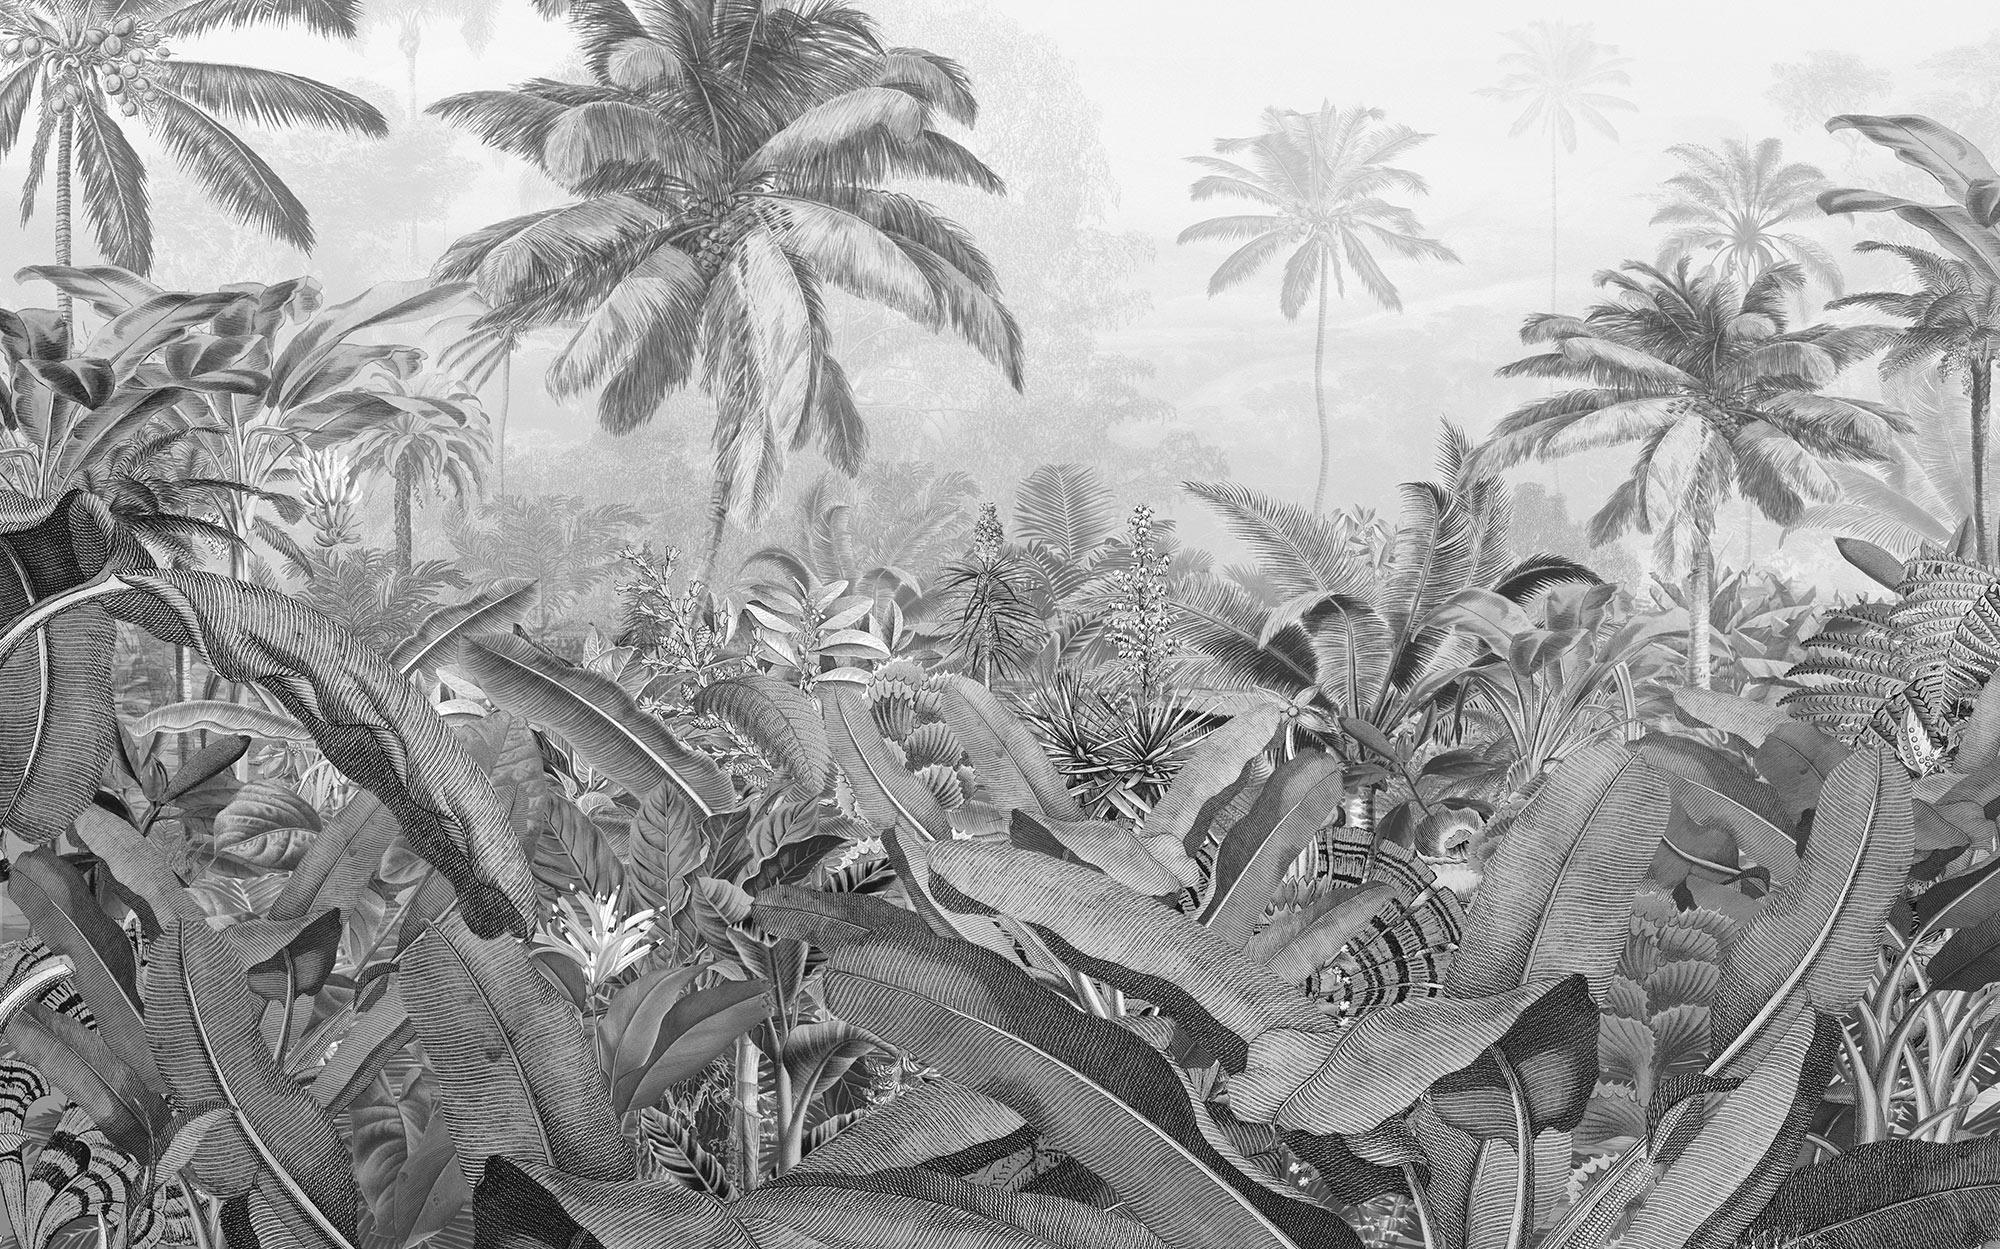 Papier Peint Panoramique Noir Et Blanc papier peint panoramique amazonia black and white - papier